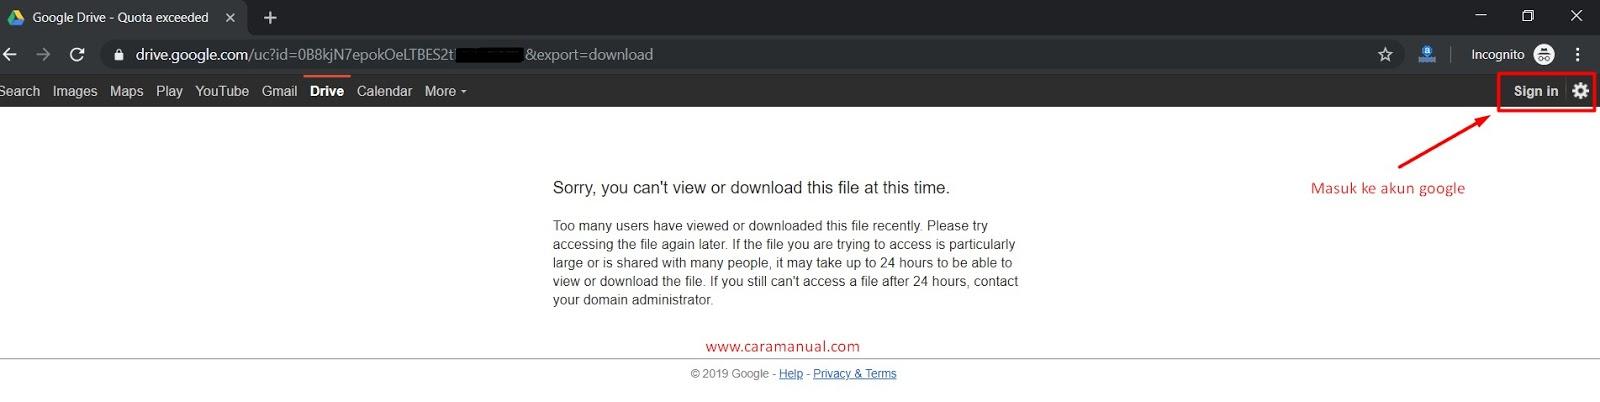 tidak bisa melihat dan mendownload file google drive